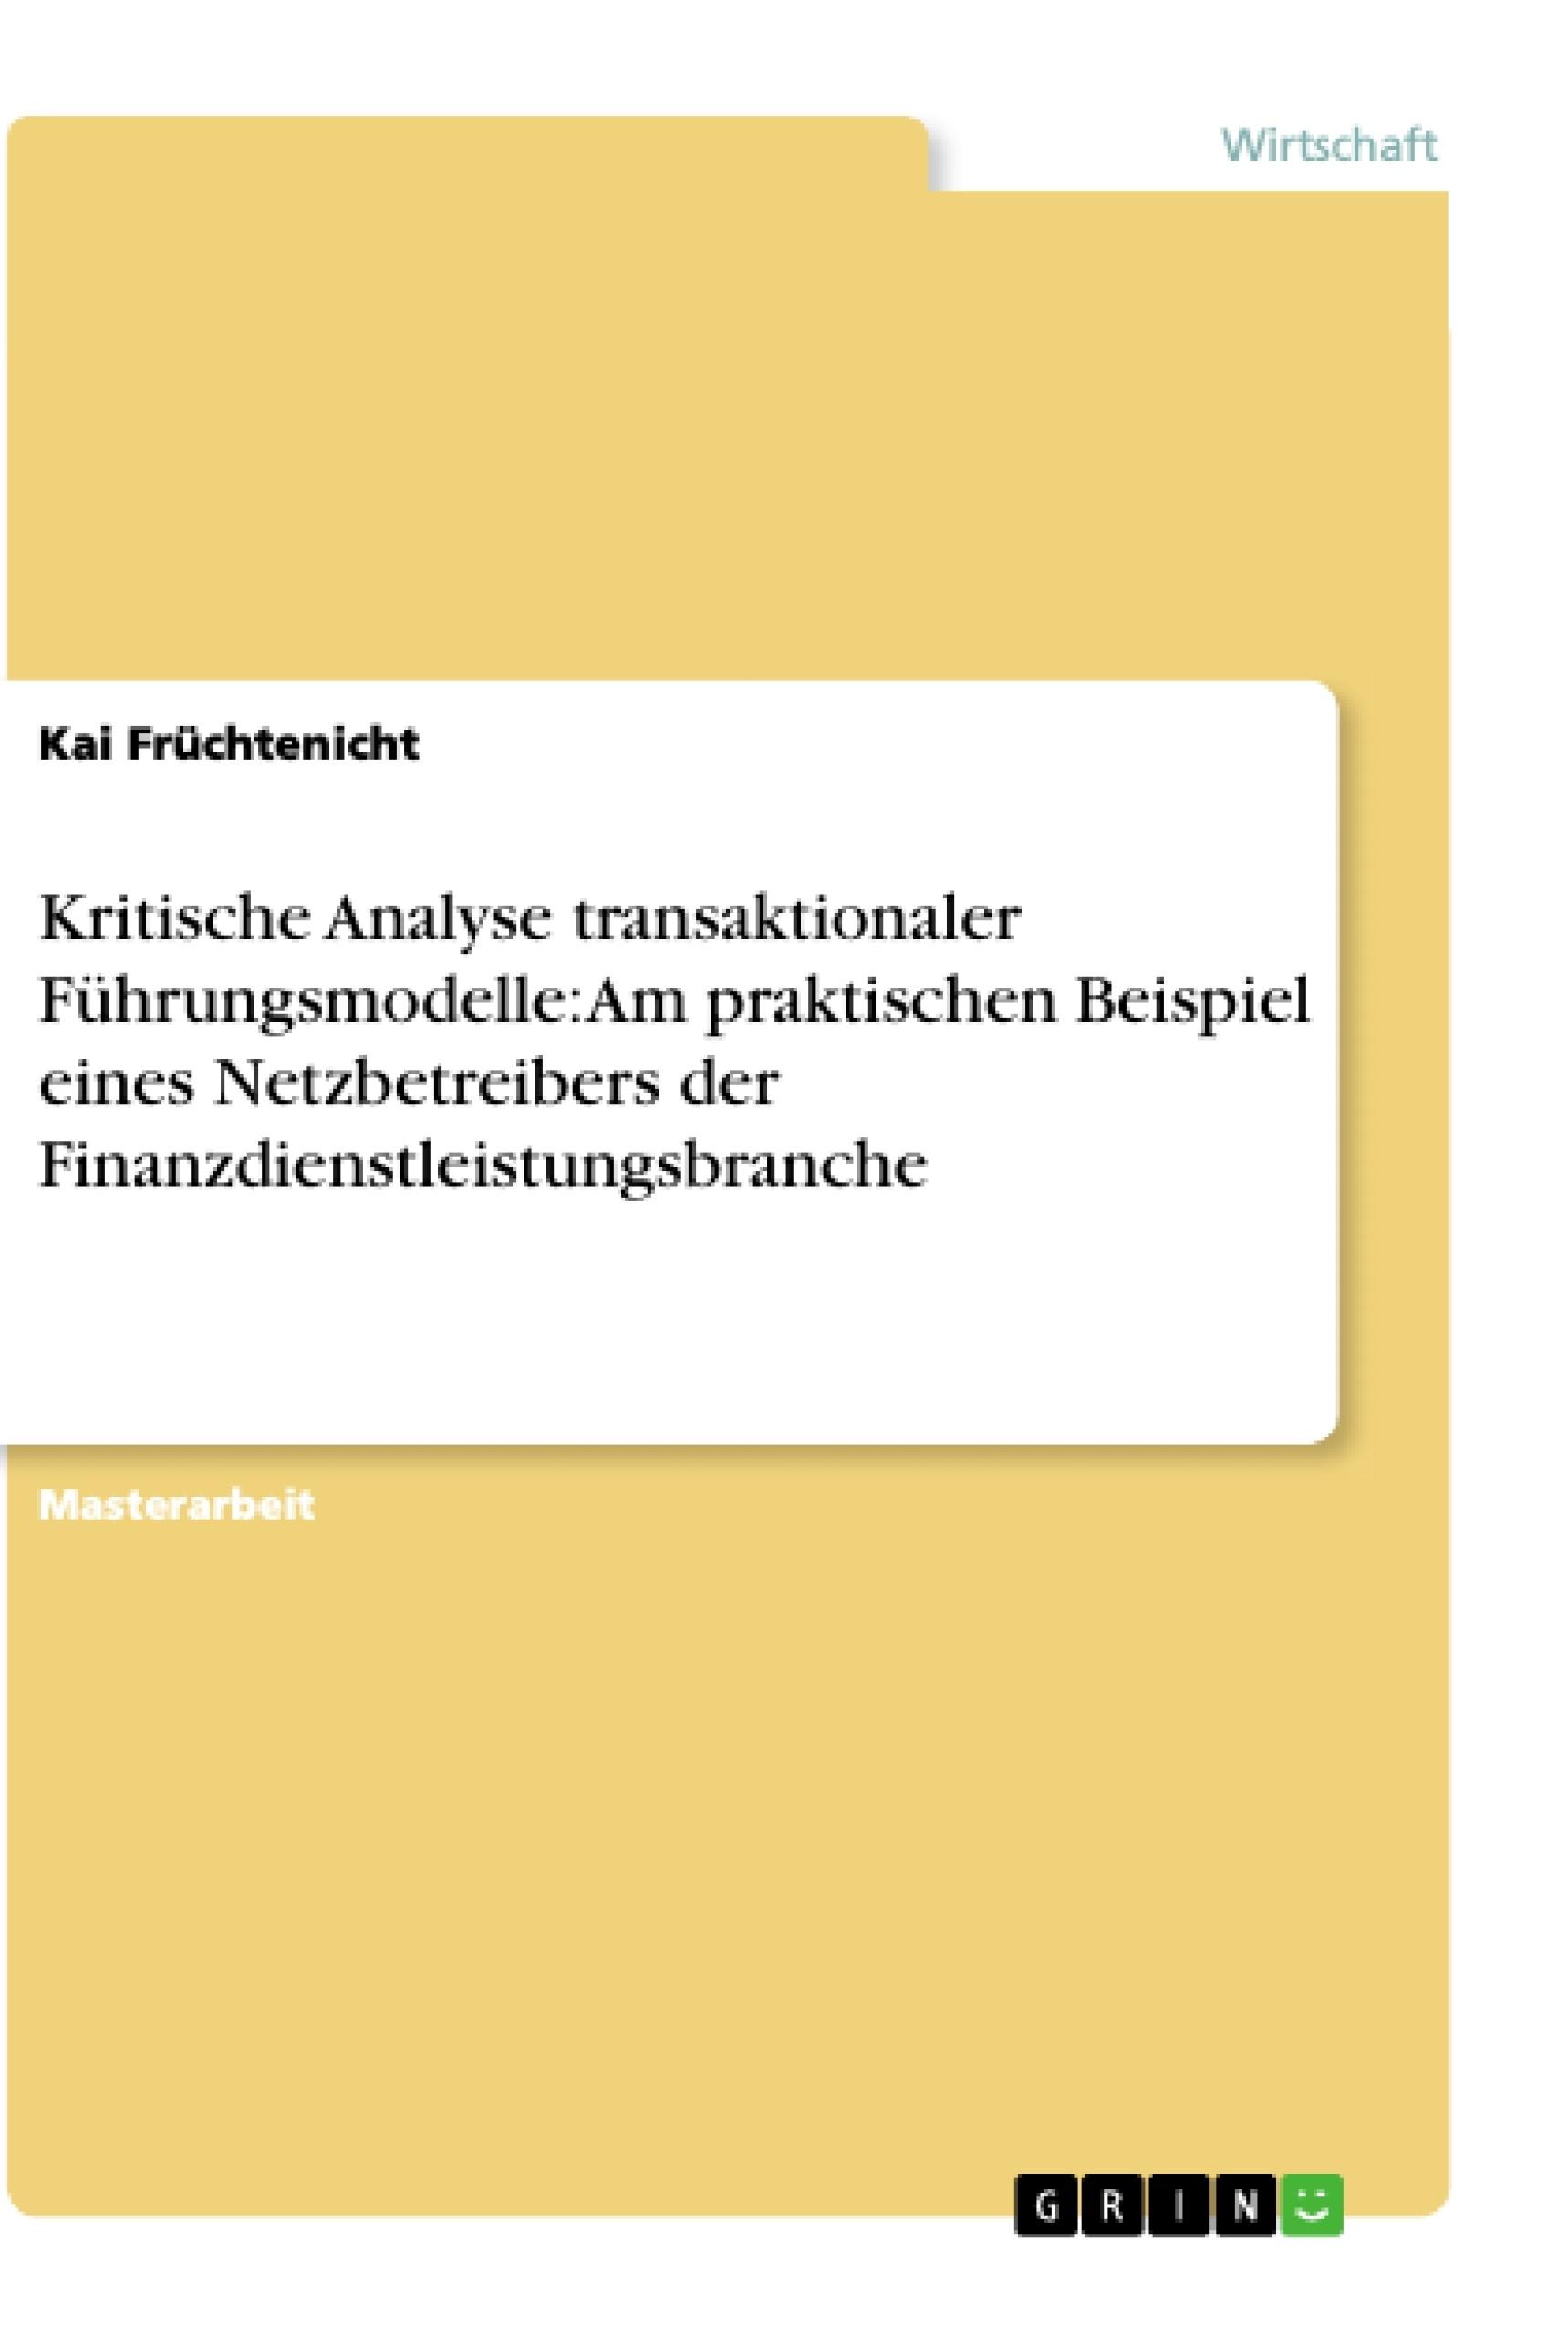 Titel: Kritische Analyse transaktionaler Führungsmodelle: Am praktischen Beispiel eines Netzbetreibers der Finanzdienstleistungsbranche